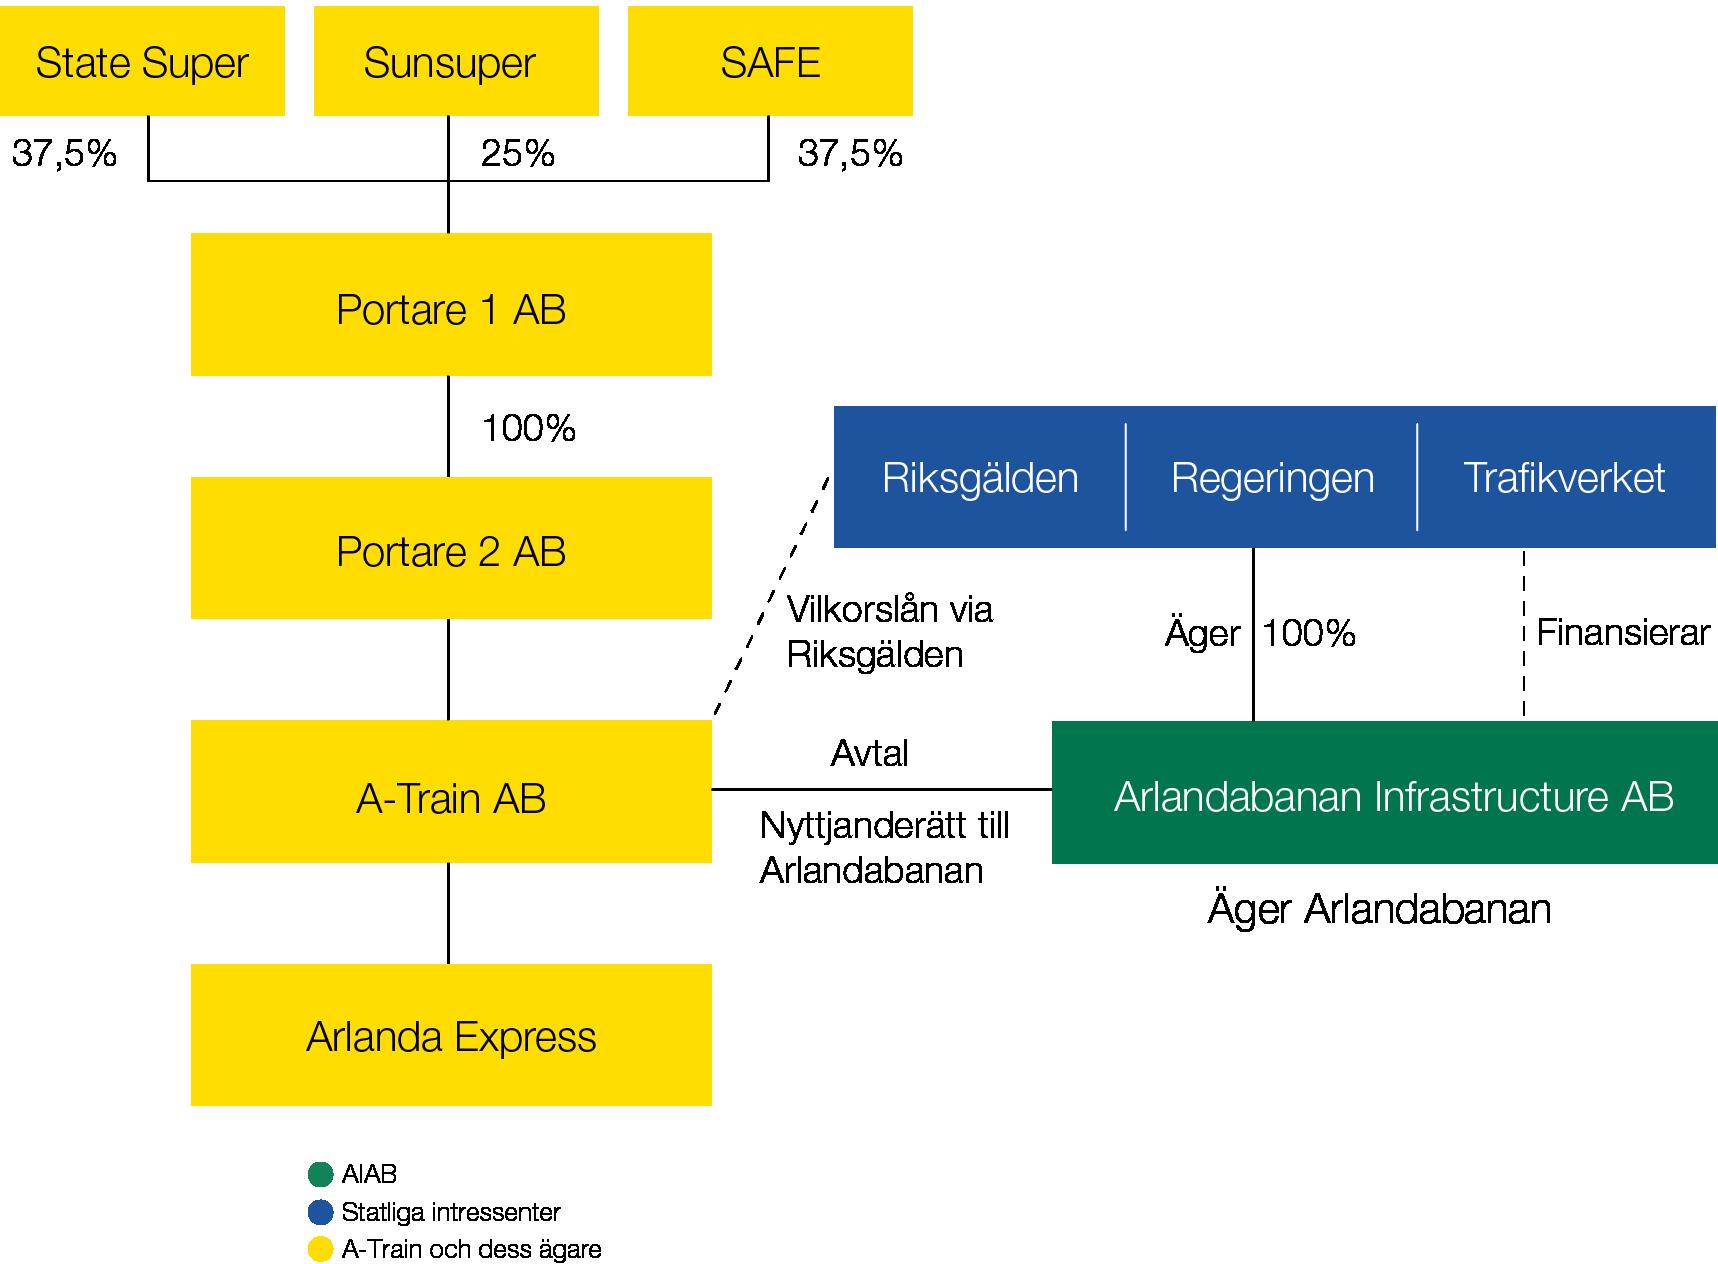 Arlandabanan Ägarstruktur